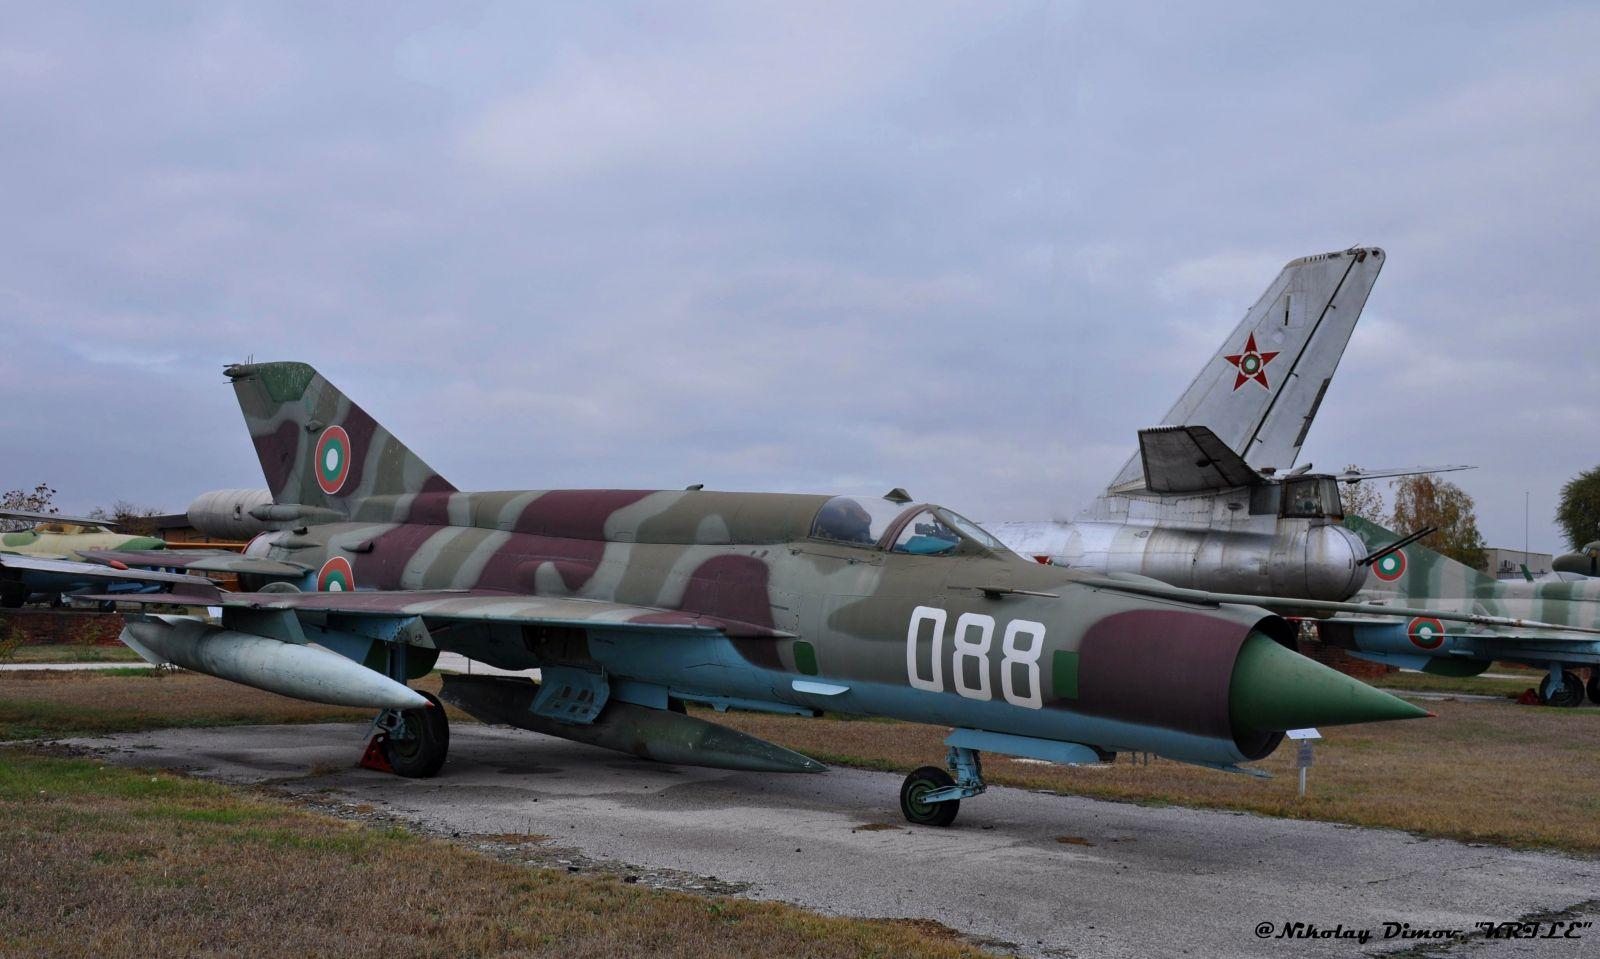 """Изтребителите на българските ВВС - МиГ-21бис борд """"088"""""""